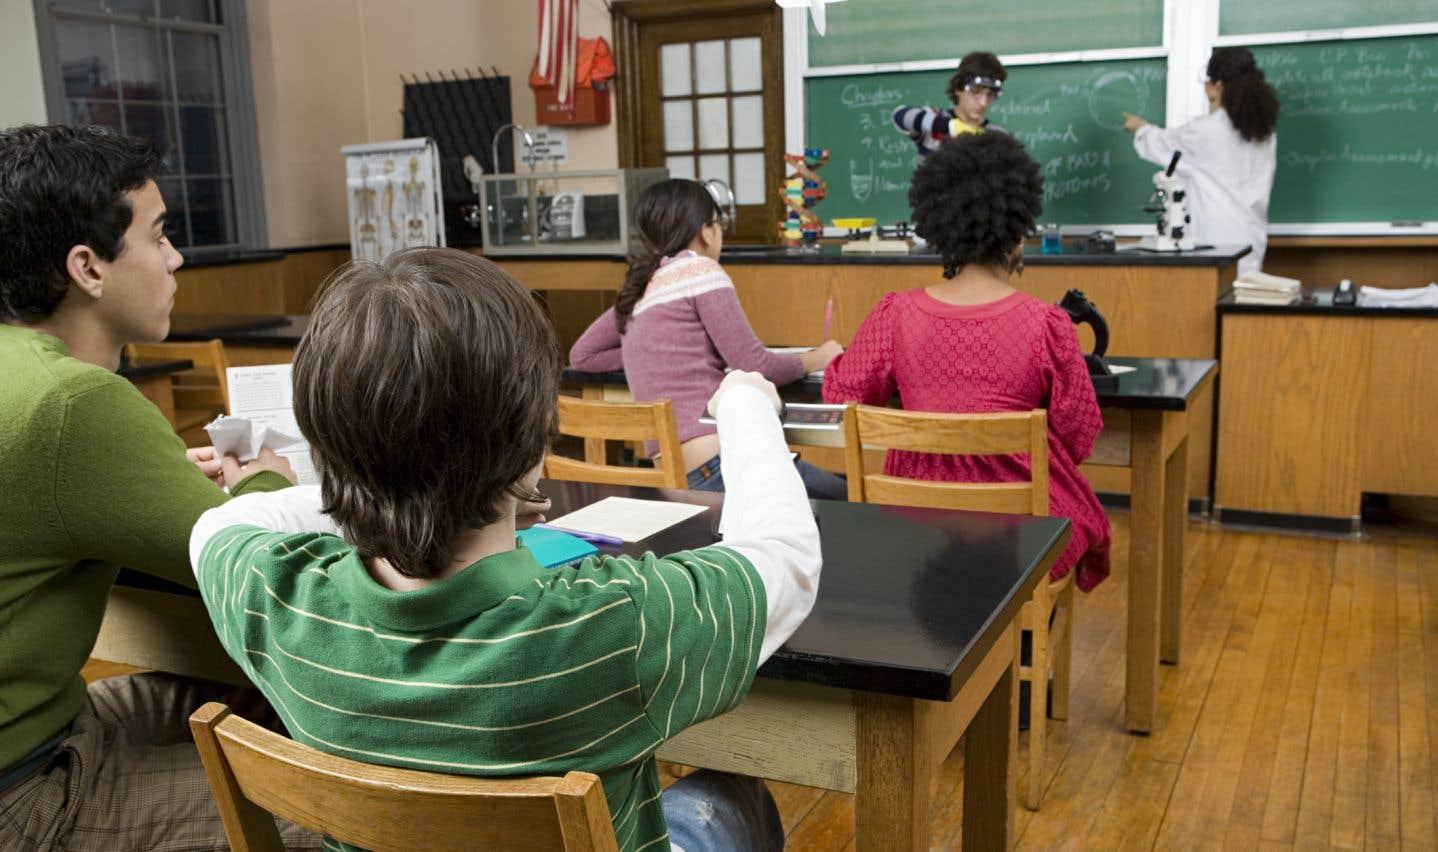 On sait que les élèves performants tirent tout le monde vers le haut en améliorant les conditions d'enseignement. À l'inverse, les classes écrémées orchestrent leur propre spirale descendante, soulignent les auteurs.